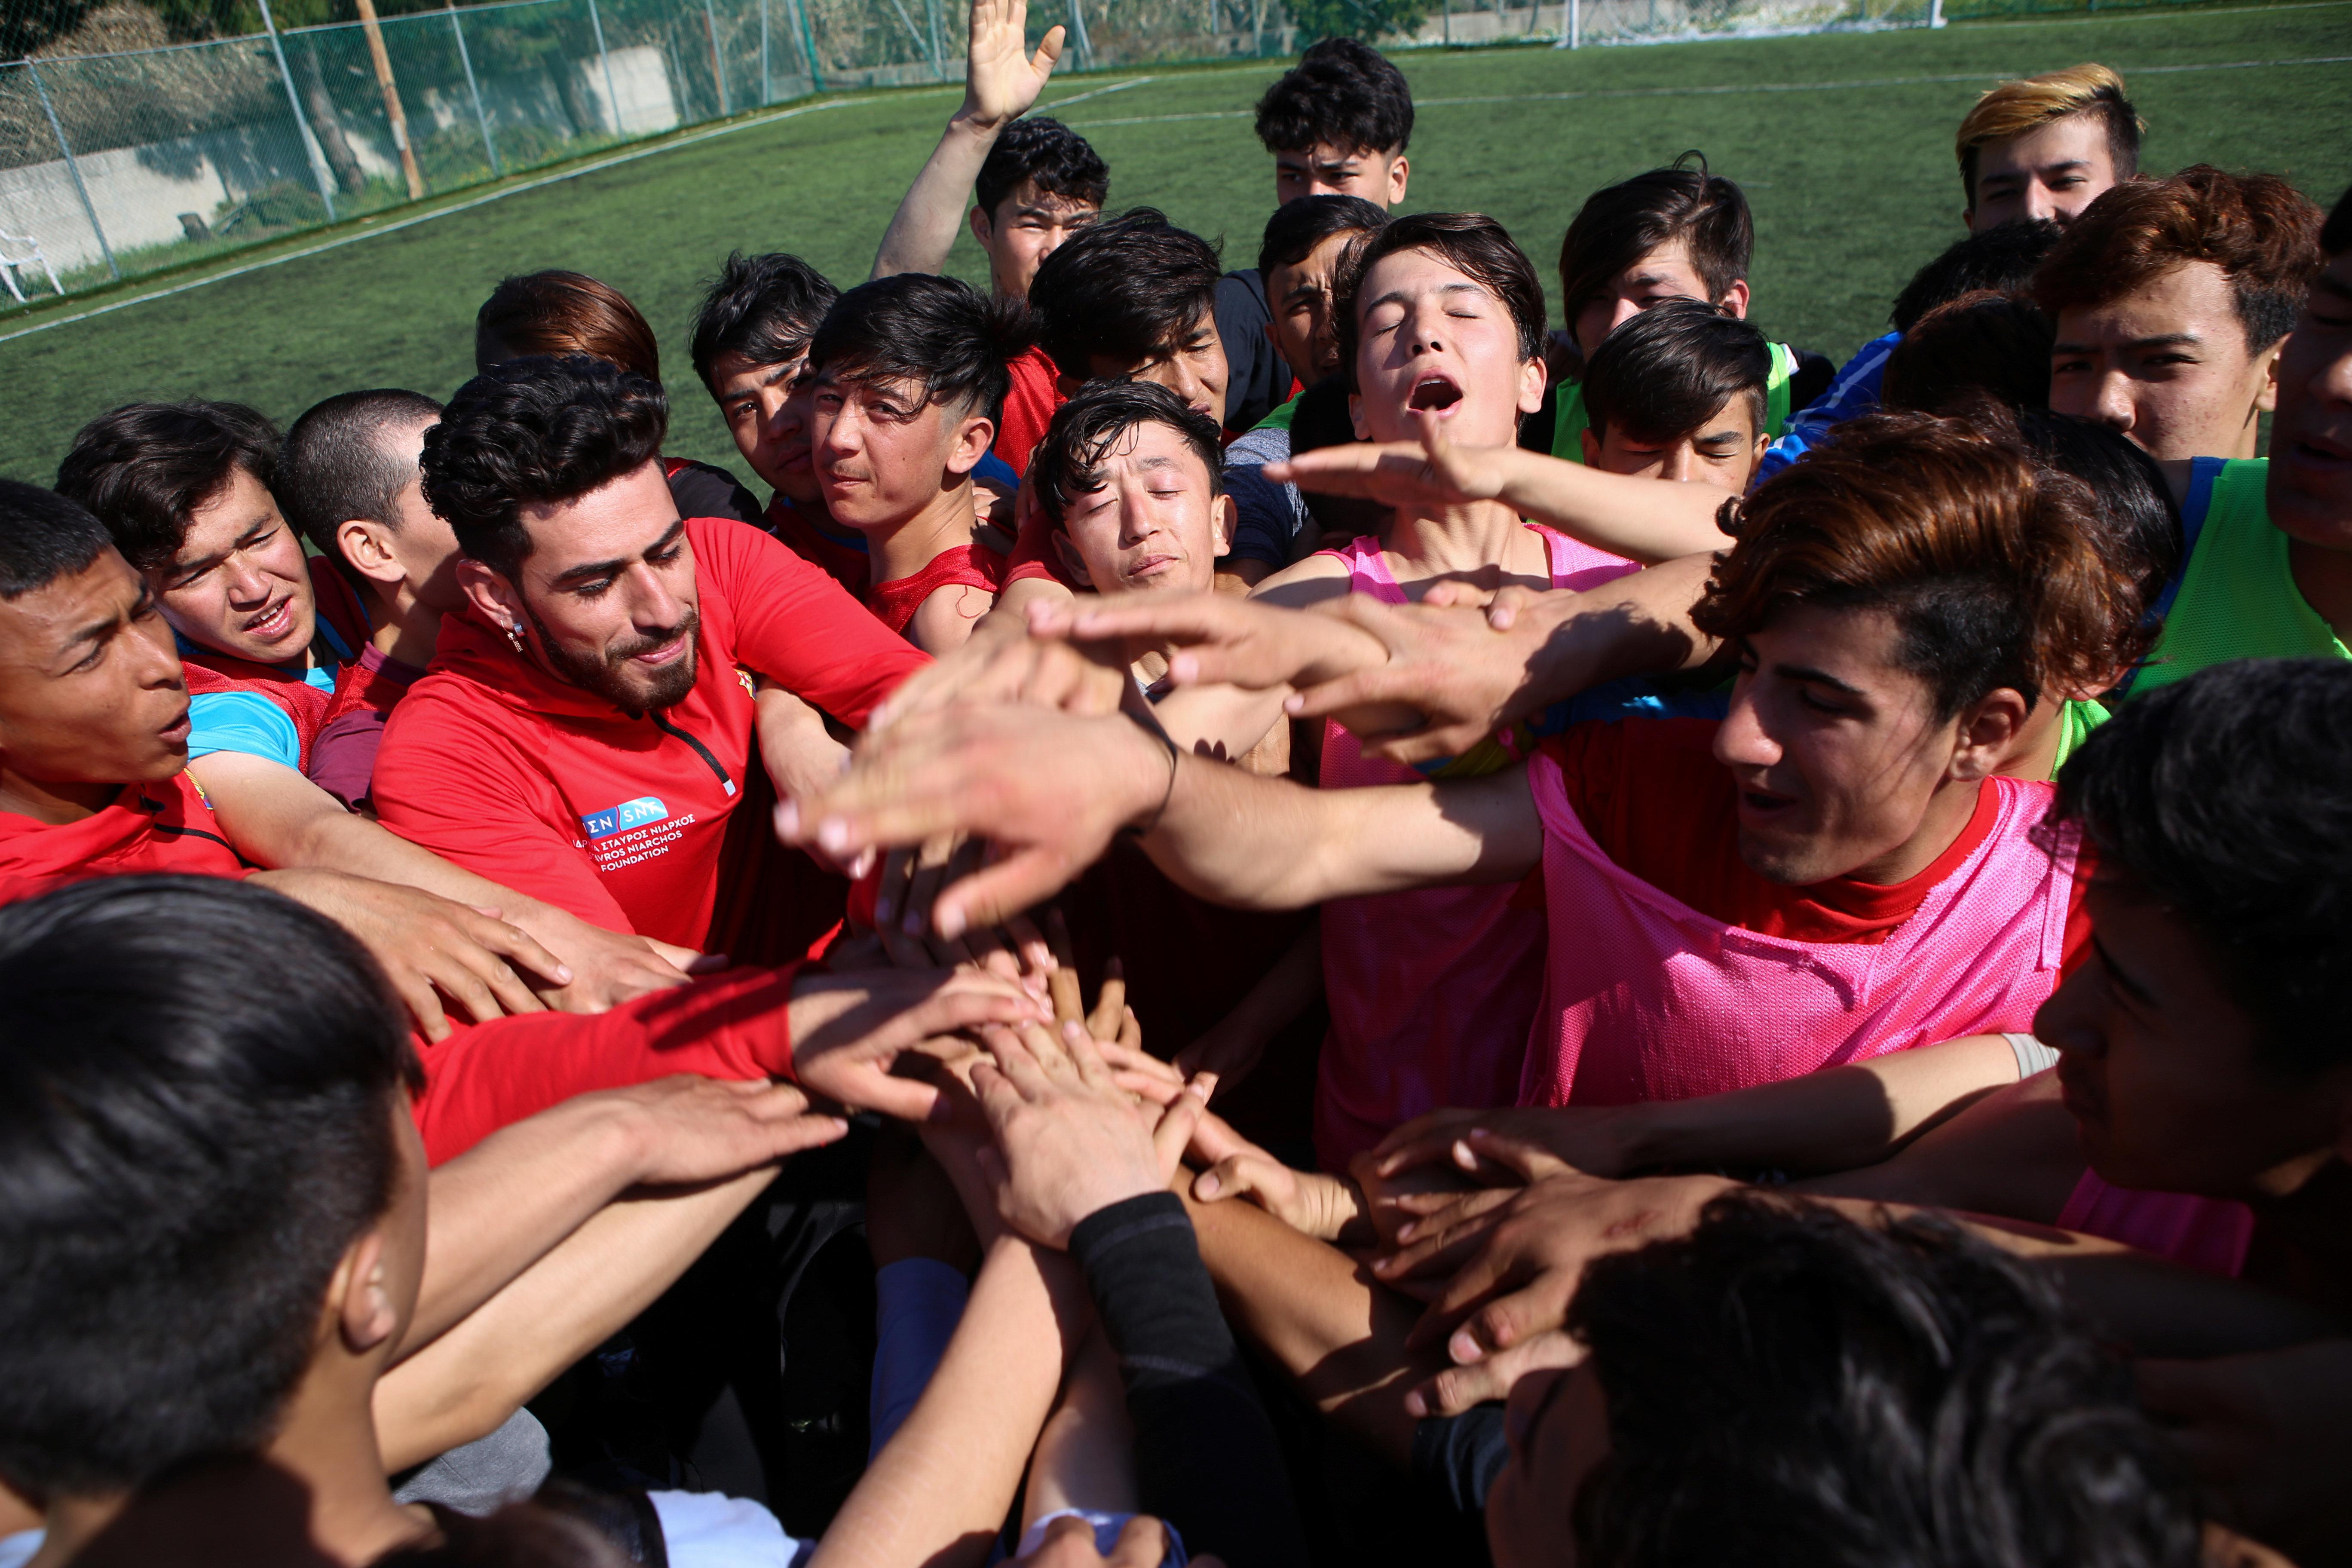 Η Μπαρτσελόνα στη Λέσβο - Προσκαλεί τα προσφυγόπουλα στο όνειρο του